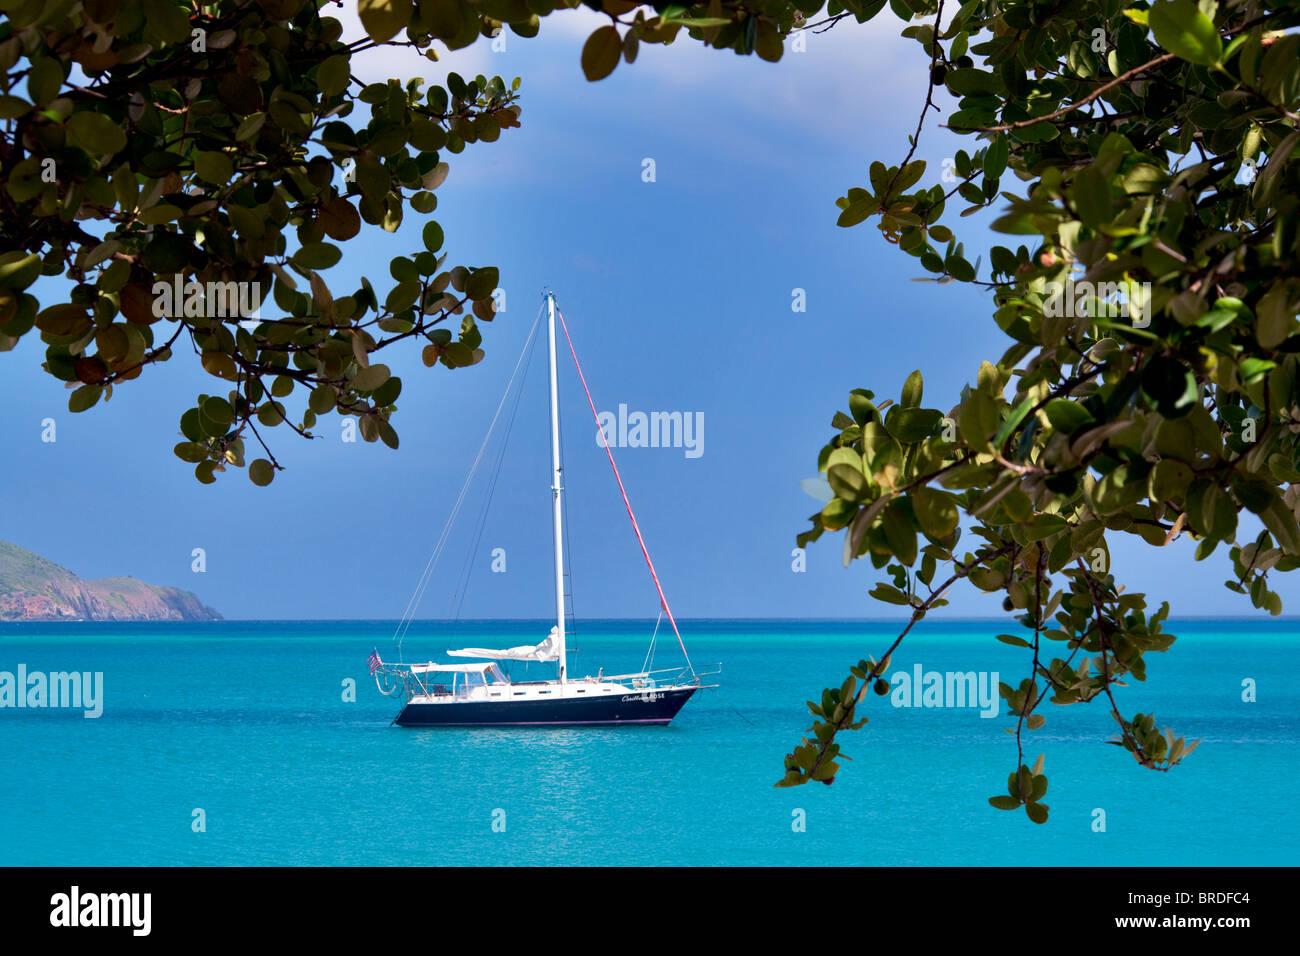 Voilier amarré à Megan's Bay. Saint Thomas. Îles Vierges Américaines Photo Stock